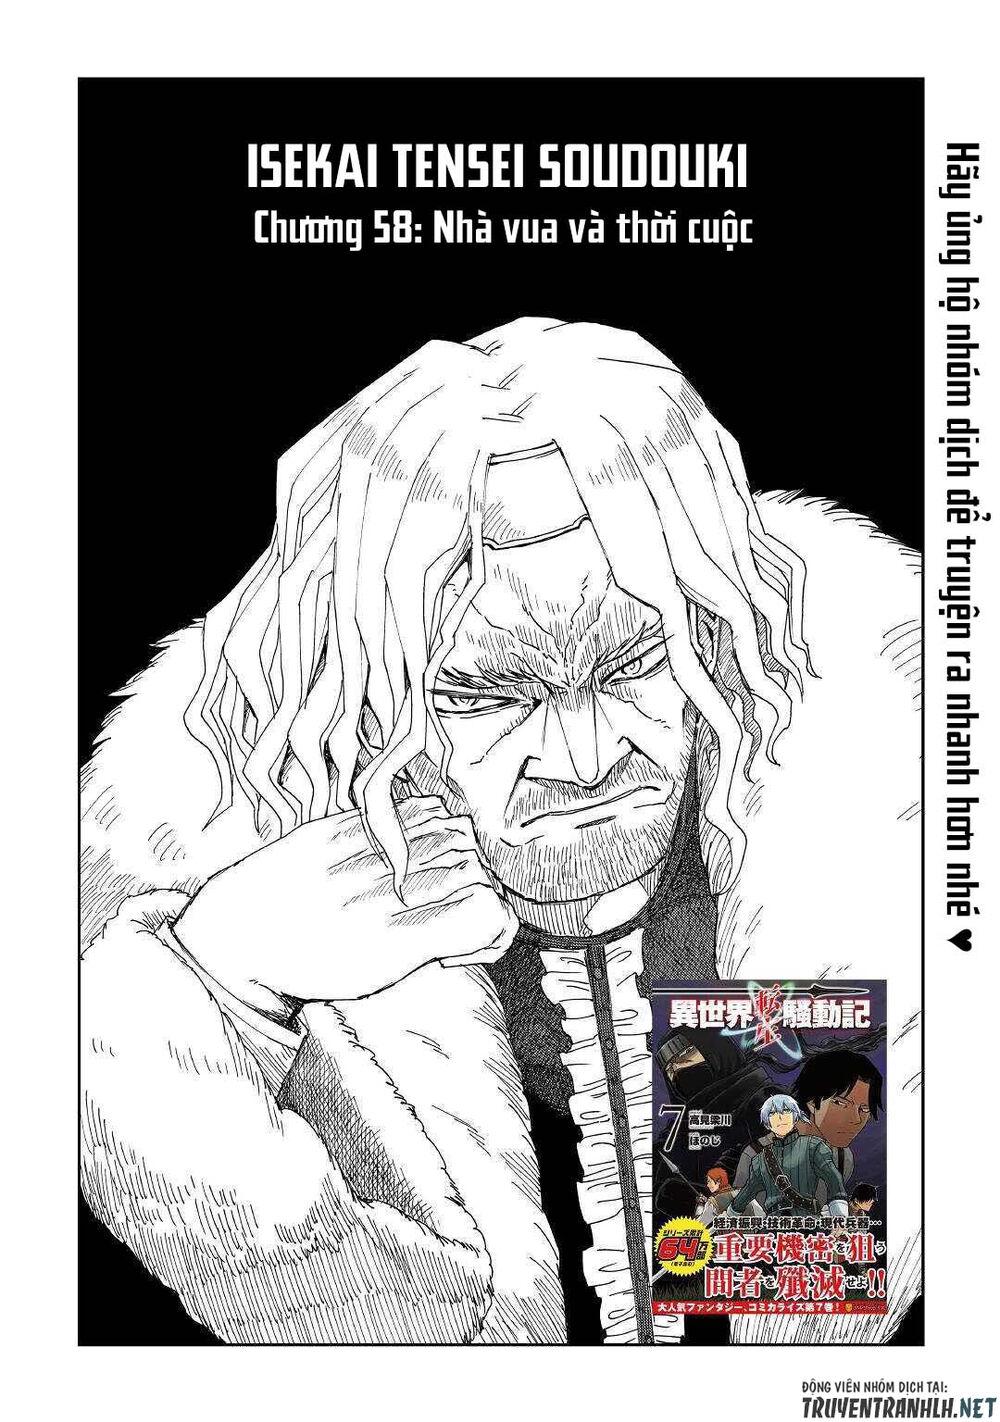 Isekai Tensei Soudouki Chap 58 . Next Chap 59